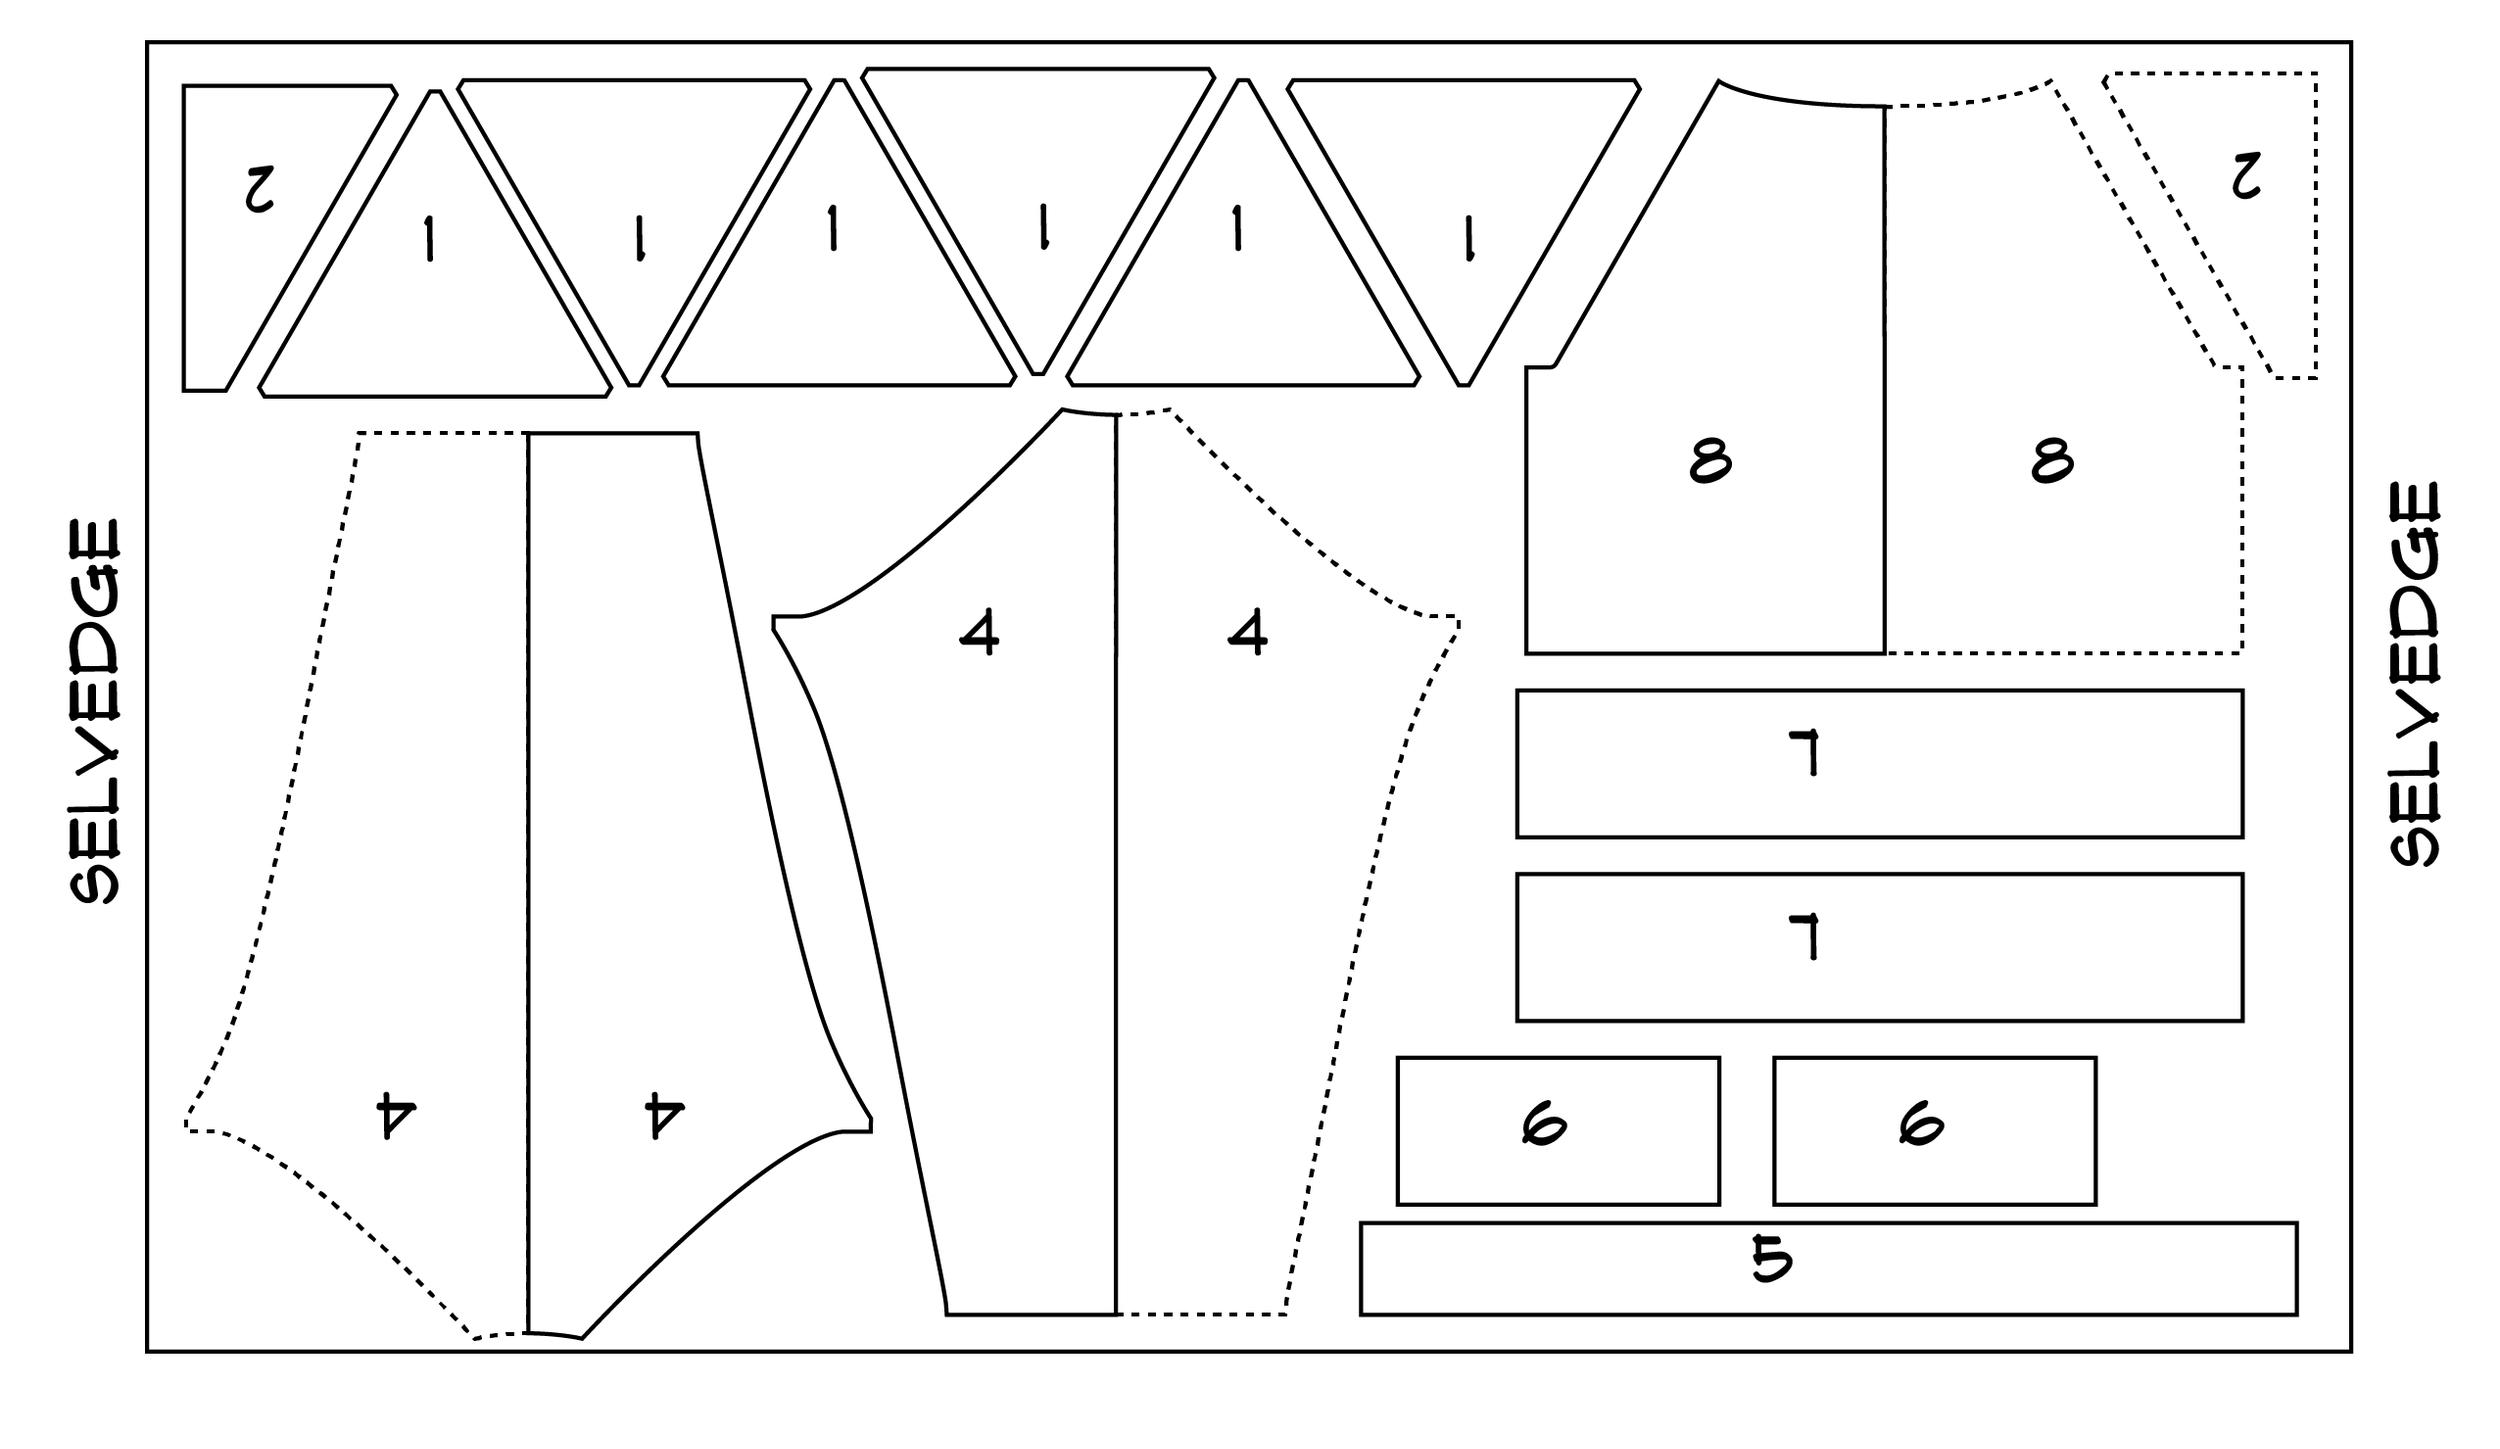 layout_v1-60-back-ad.png